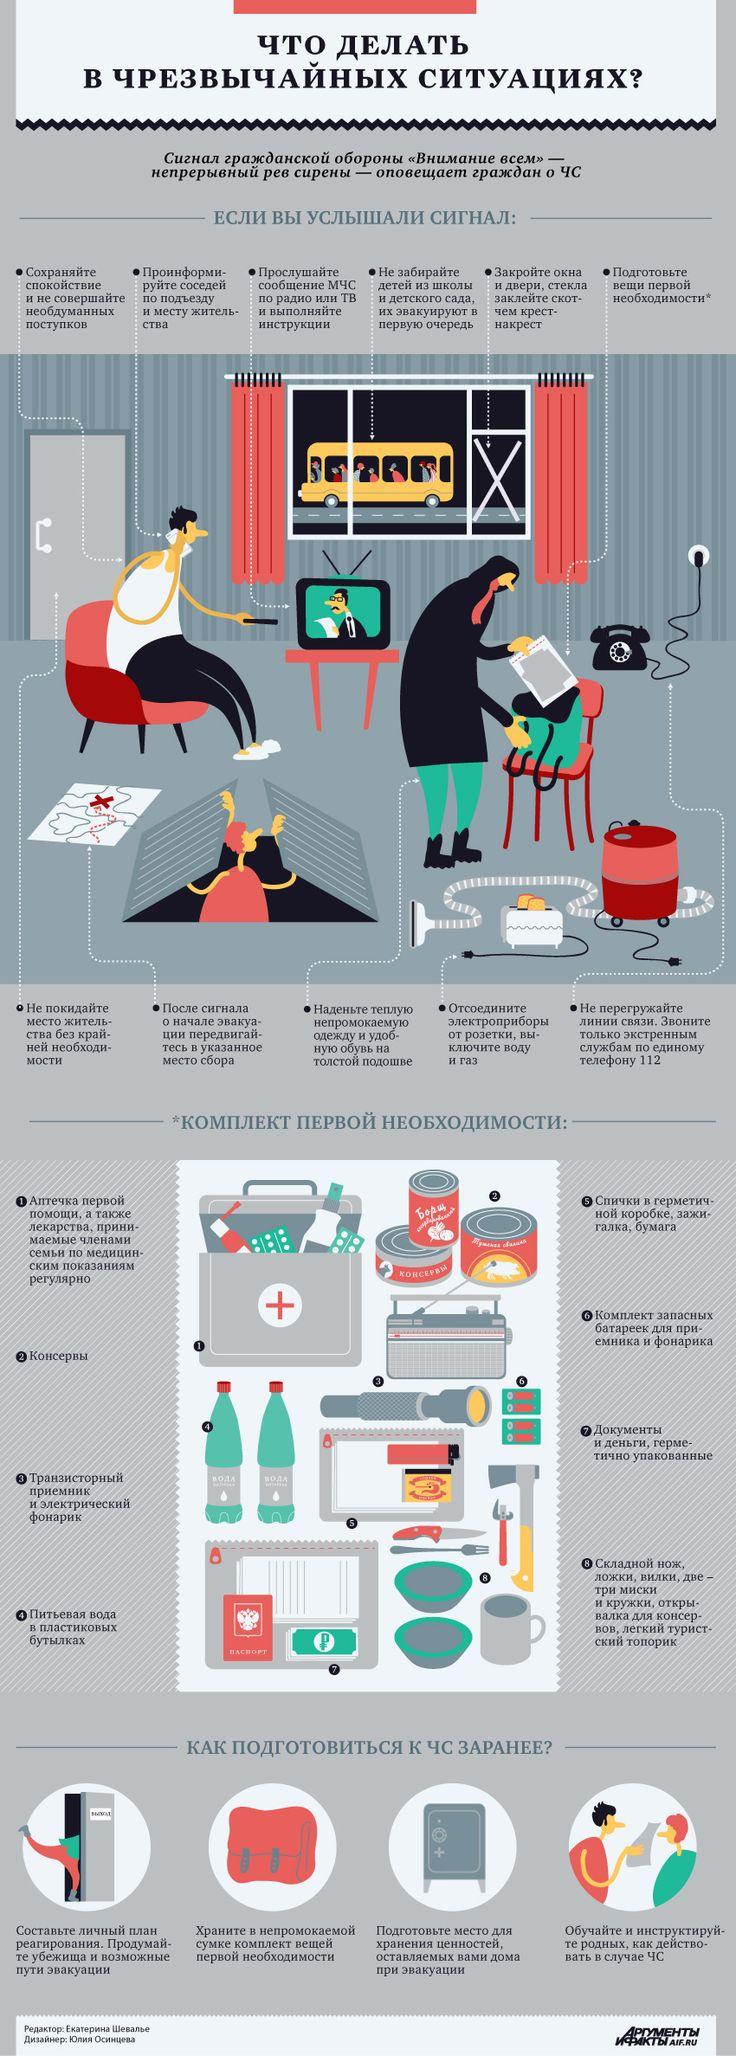 Что делать вслучае чрезвычайной ситуации? Инфографика | Инфографика | Вопрос-Ответ | Аргументы и Факты